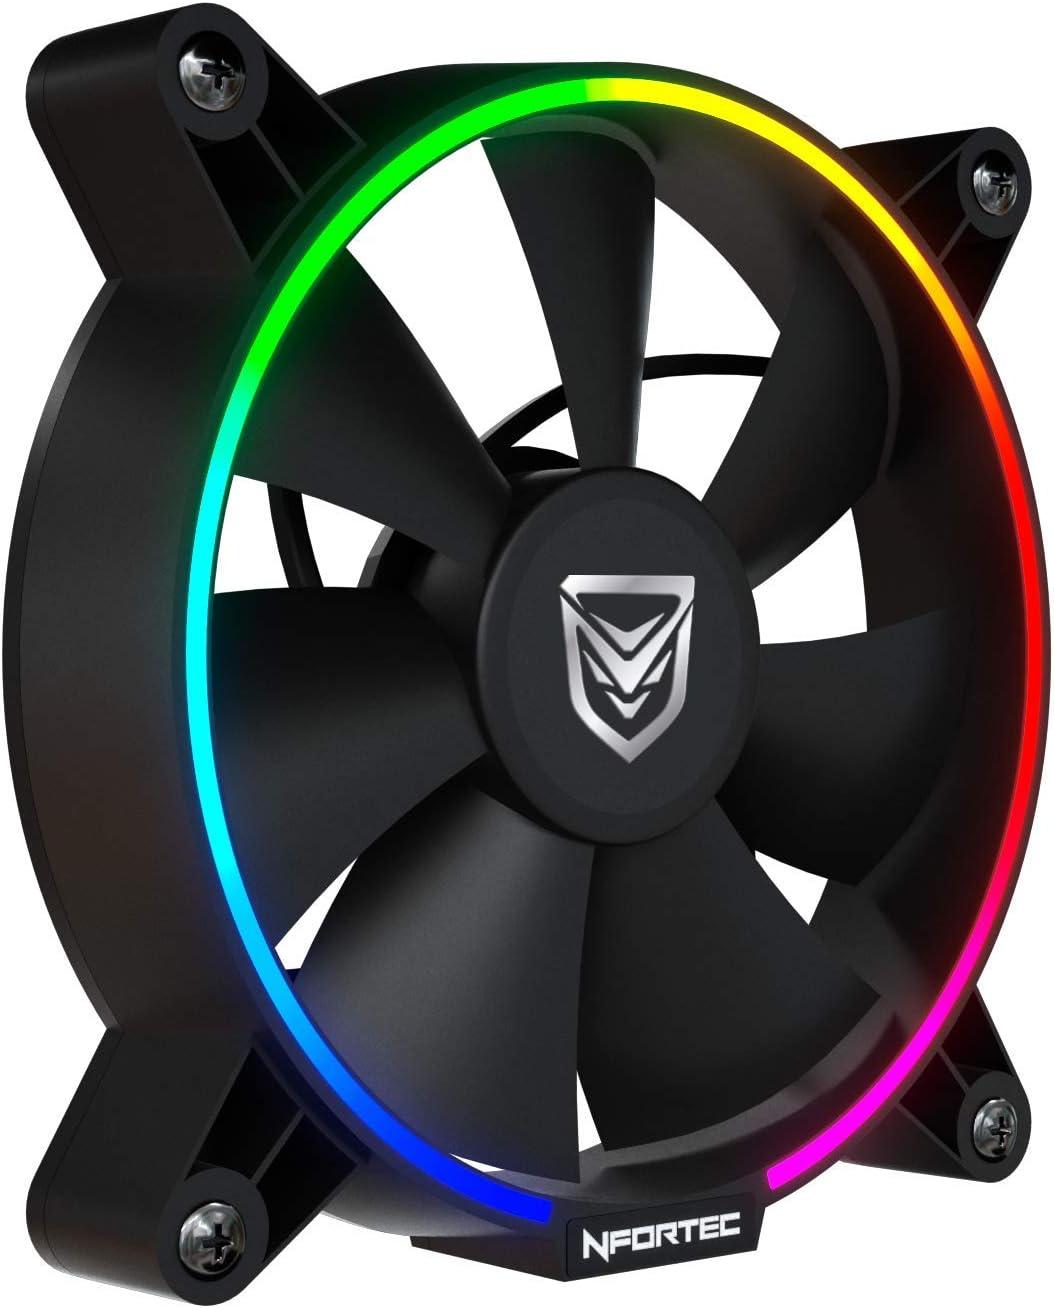 Nfortec Oberon Combo Ventiladores argb para Torre de pc con ciclos de iluminación RGB y bajo Nivel sonoro (Incluye una controladora RGB Compatible y Tres Ventiladores ...